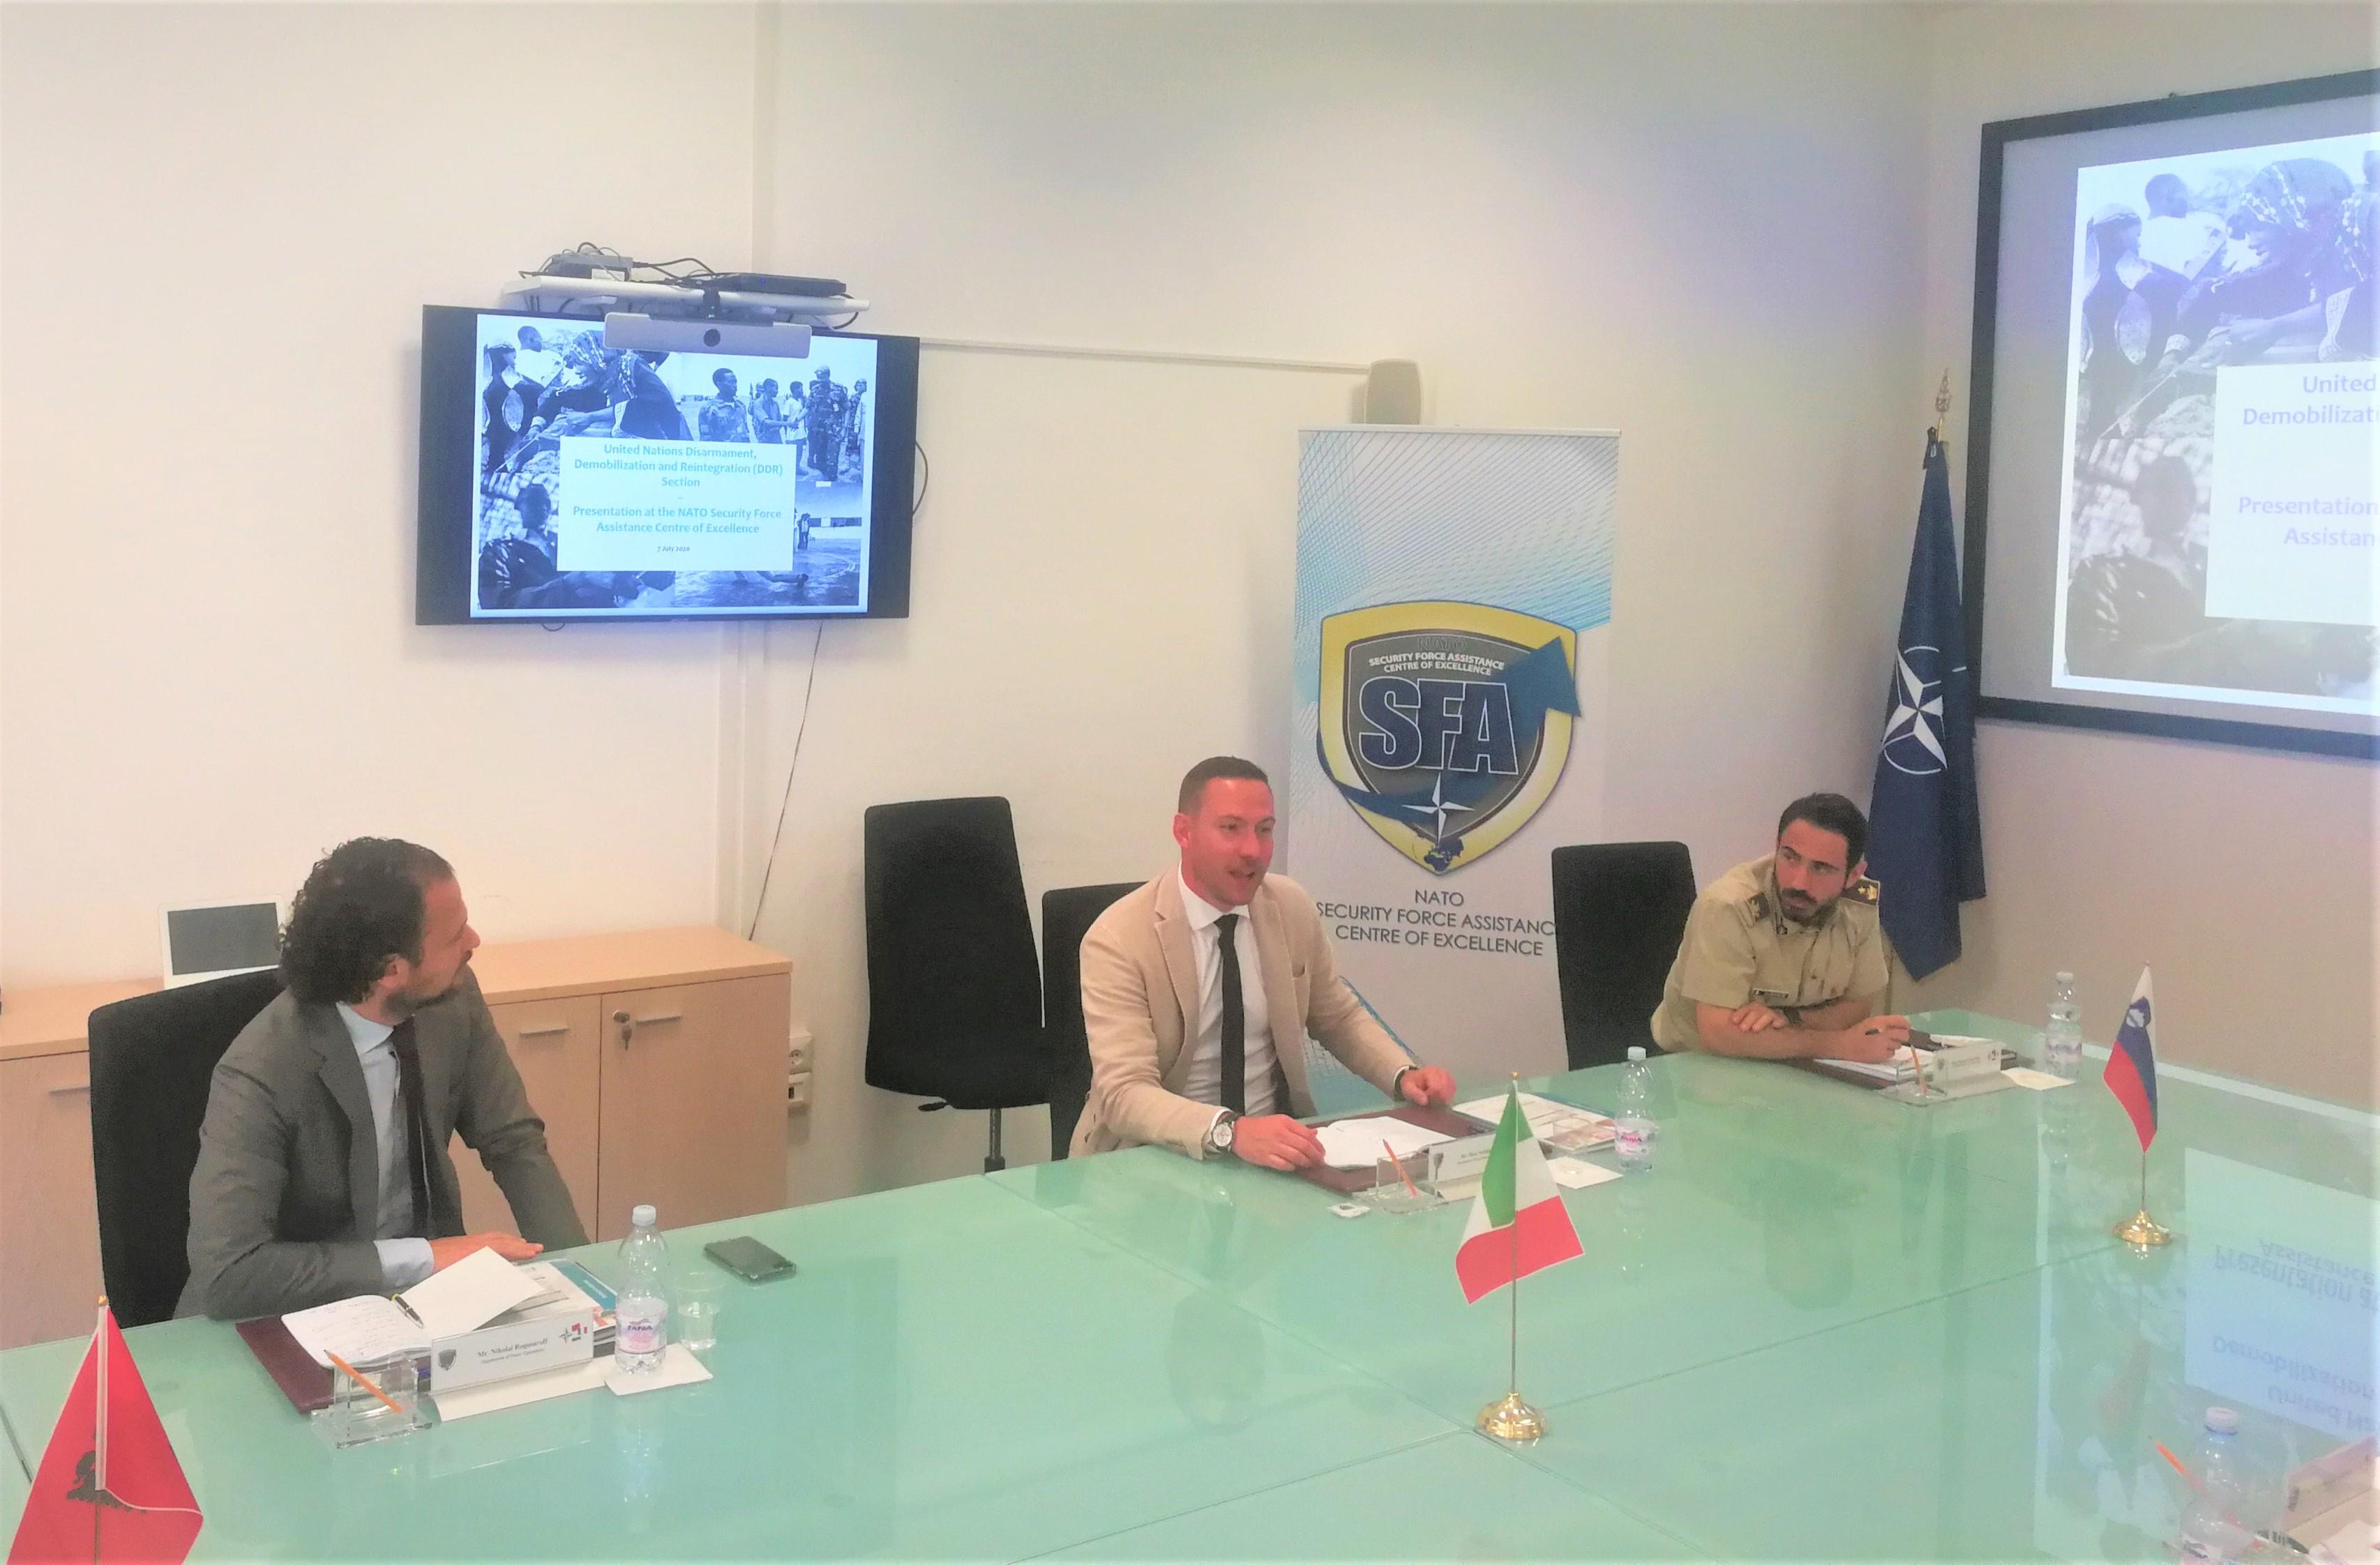 UN OROLSI delegation visits the NATO SFA COE